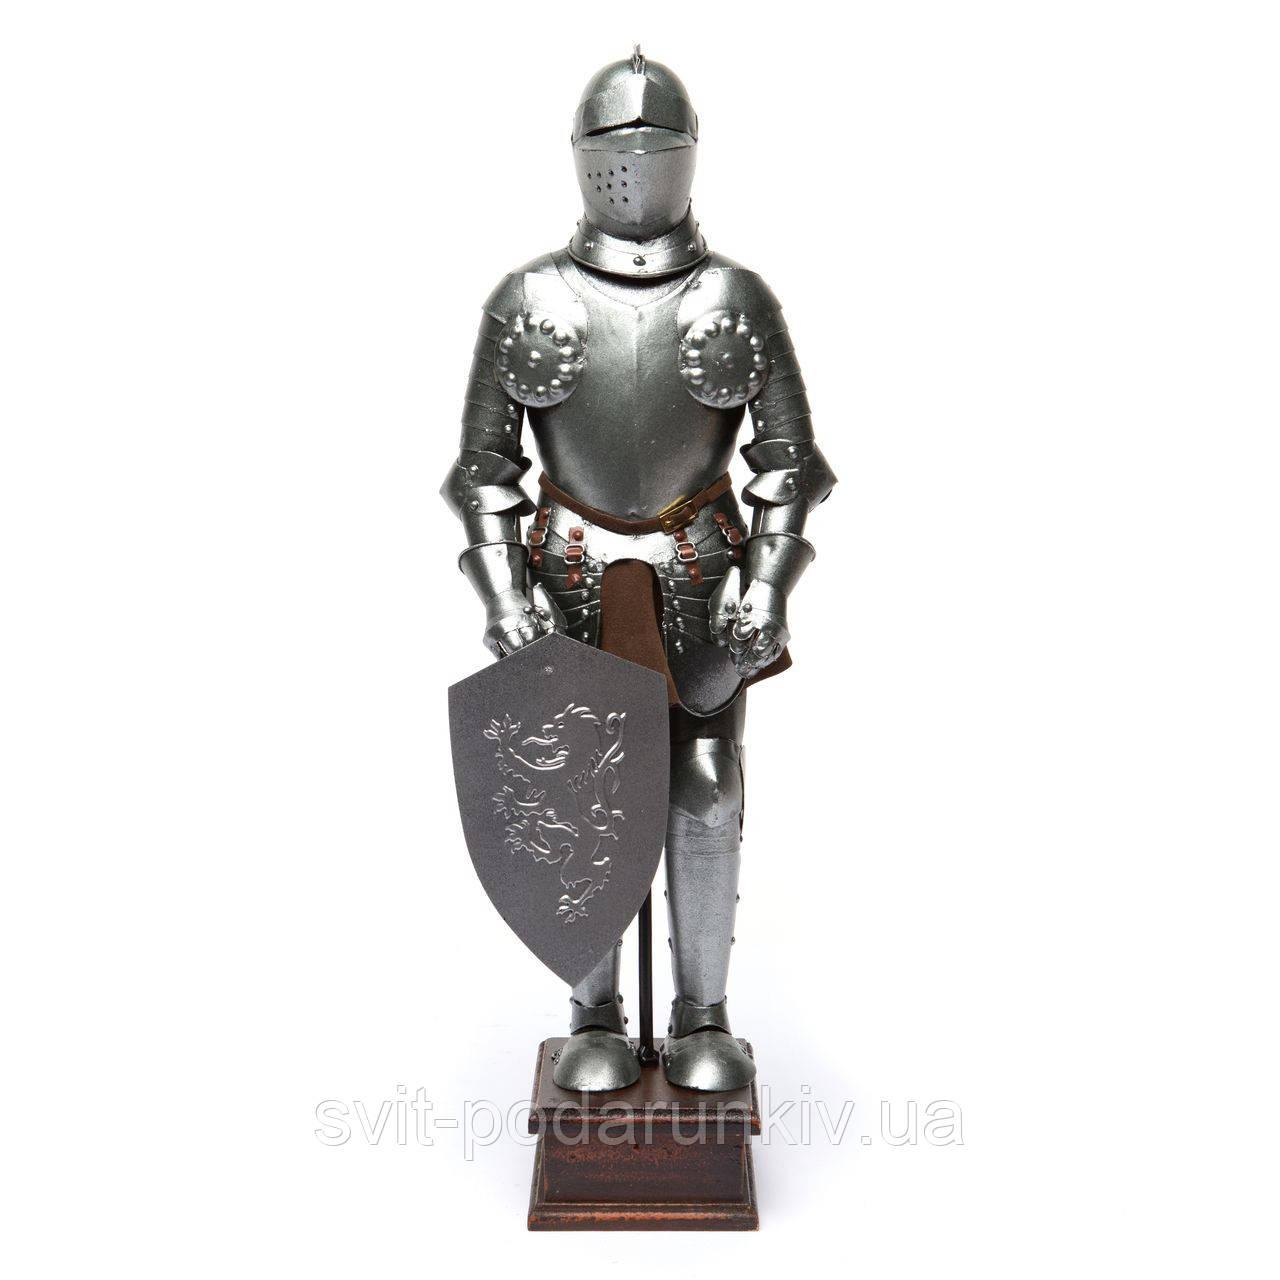 Статуэтка рыцаря средневековья в доспехах S706